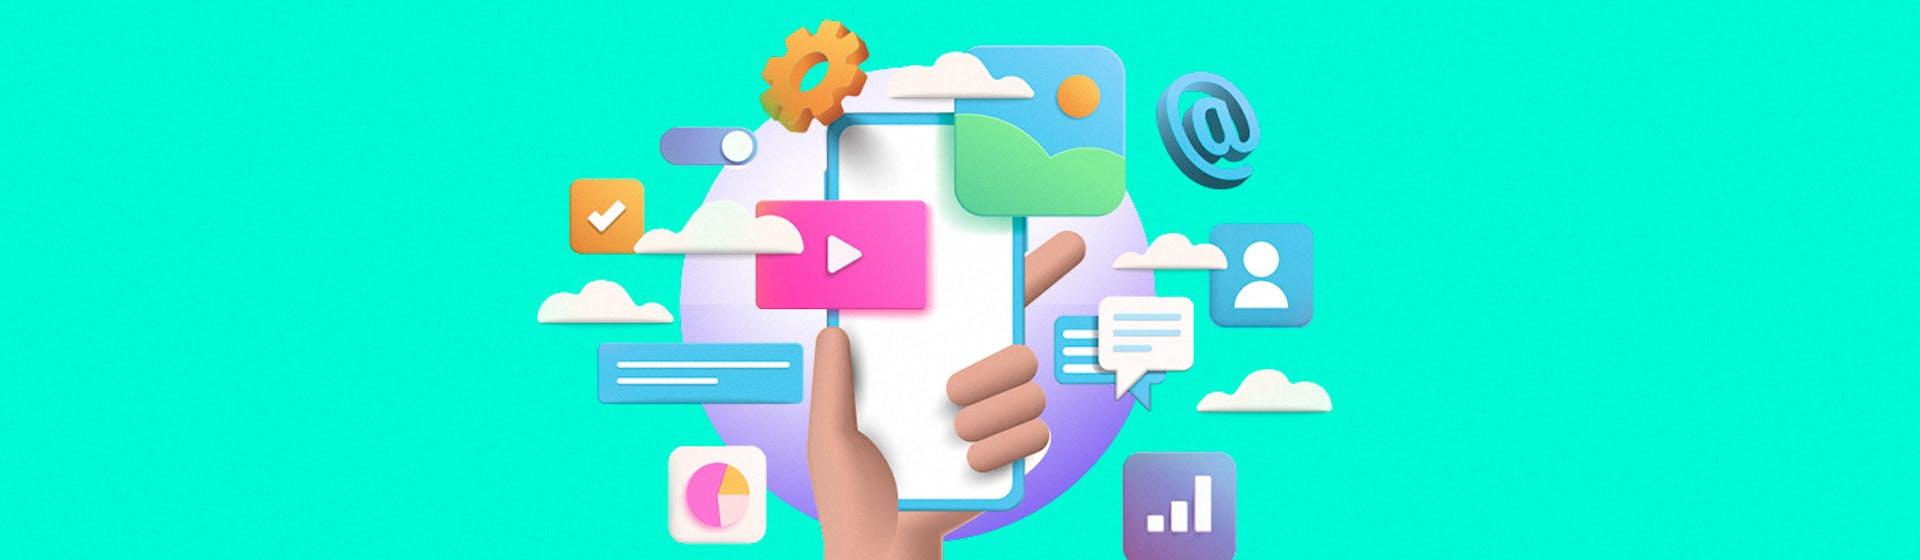 ¿Qué hace un social media manager y por qué lo necesitas para optimizar tu presencia online?